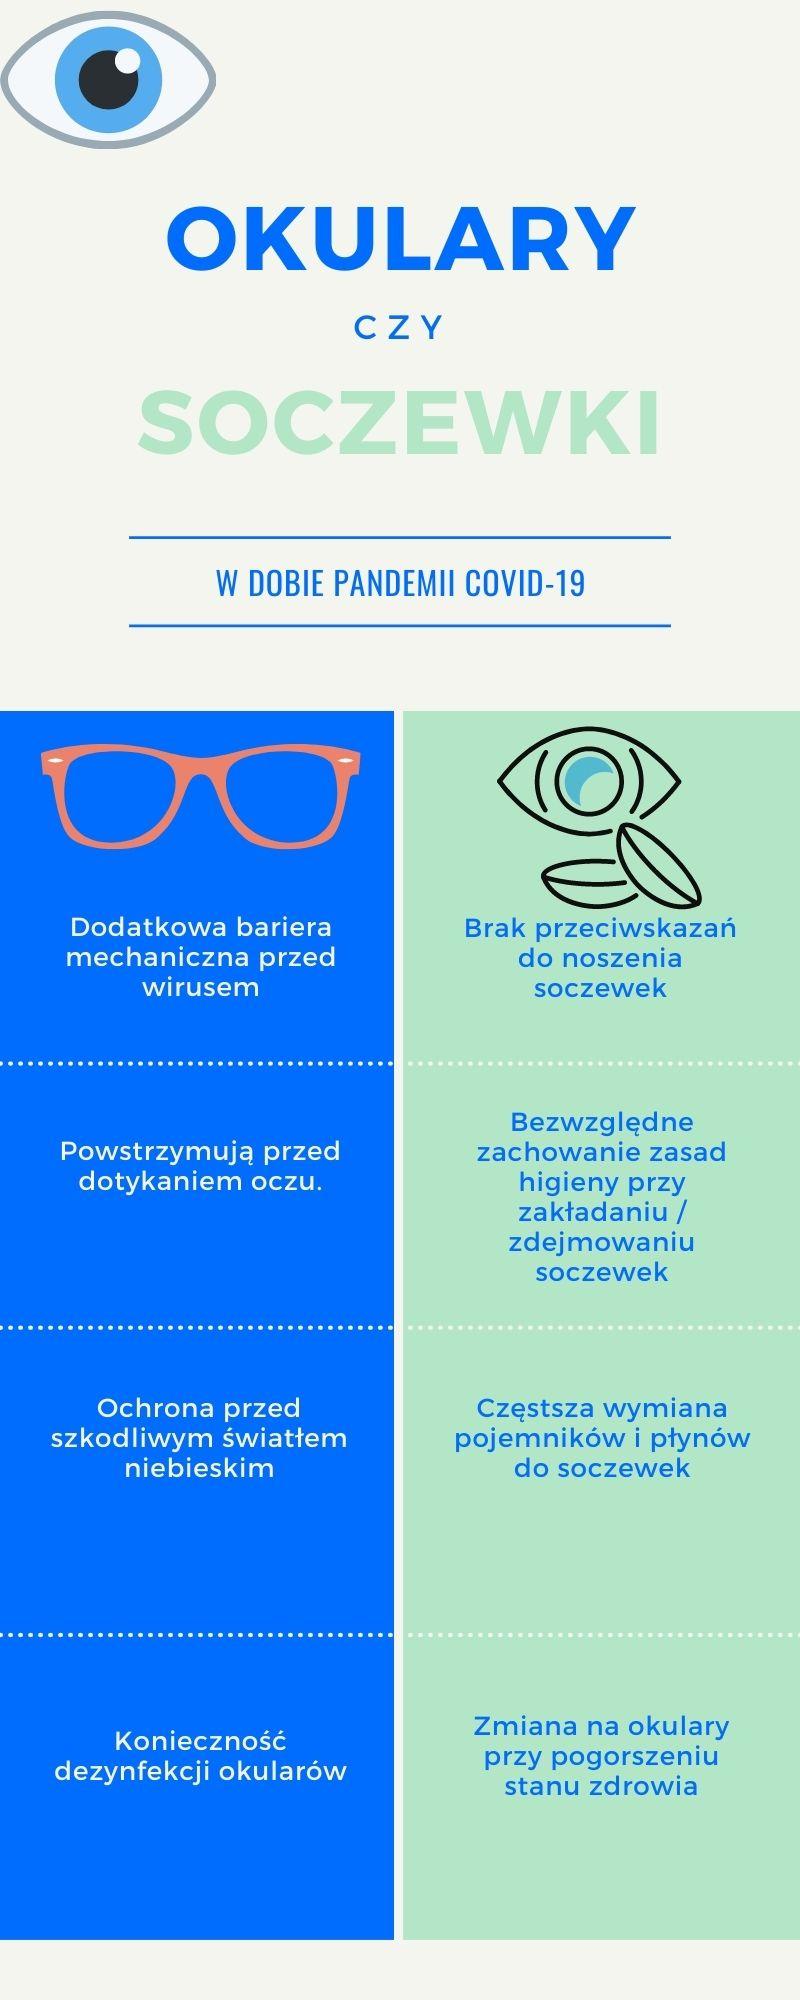 Okulary korekcyjne, czy soczewki kontaktowe - co nosić w czasie pandemii?